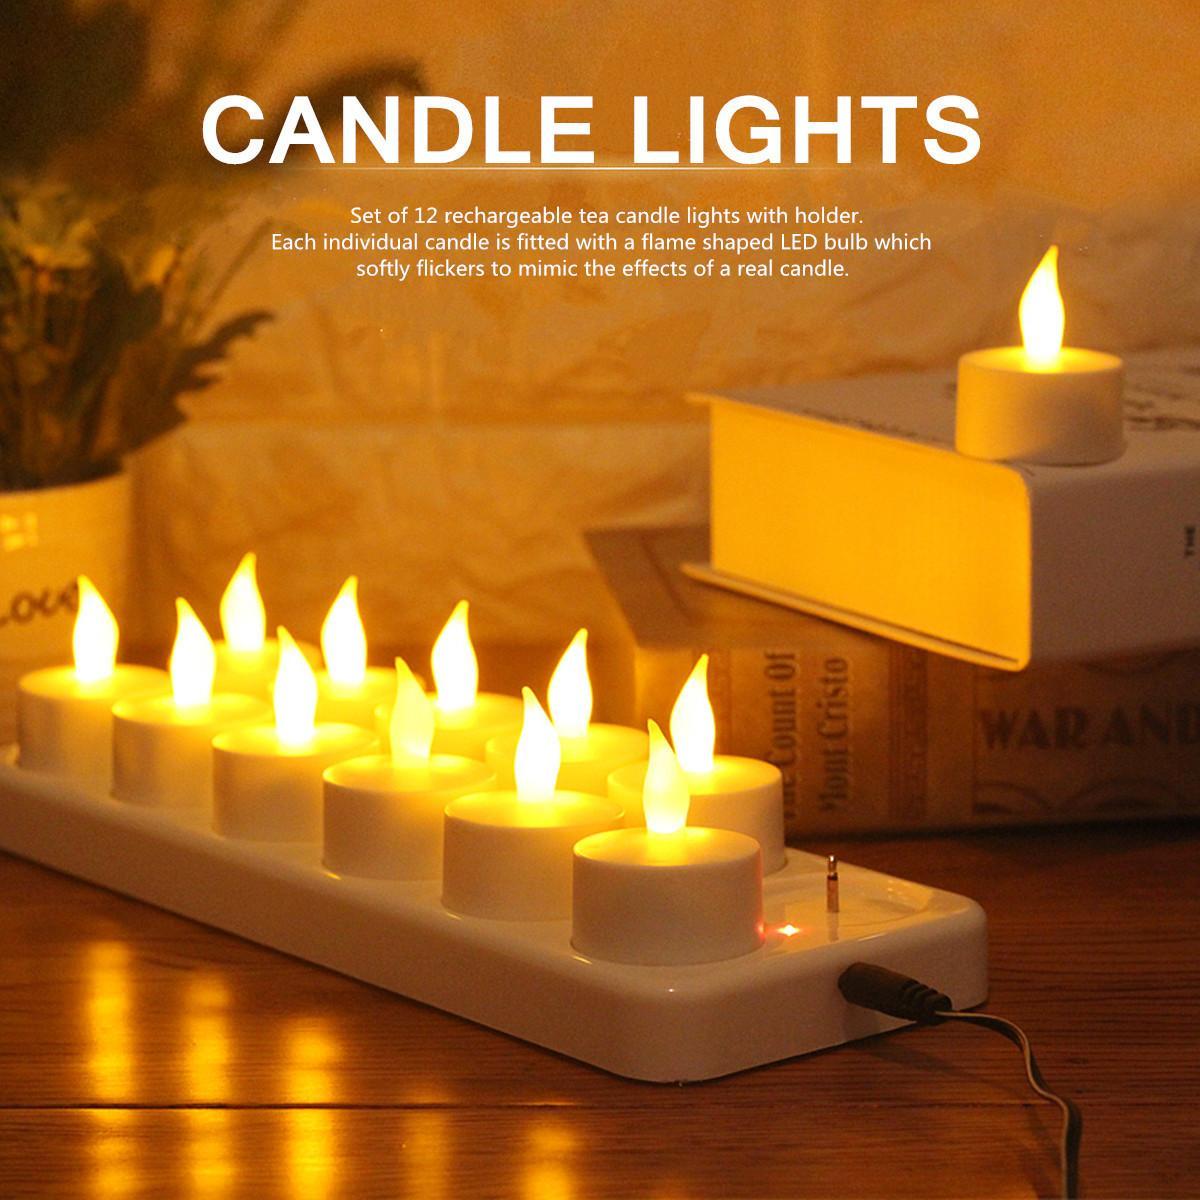 12 قابلة للشحن الخفقان LED الشاي أضواء الشموع مع حامل للعشاء الزفاف لهب على شكل الصمام لمبة لحفلات الزفاف طرف T200108